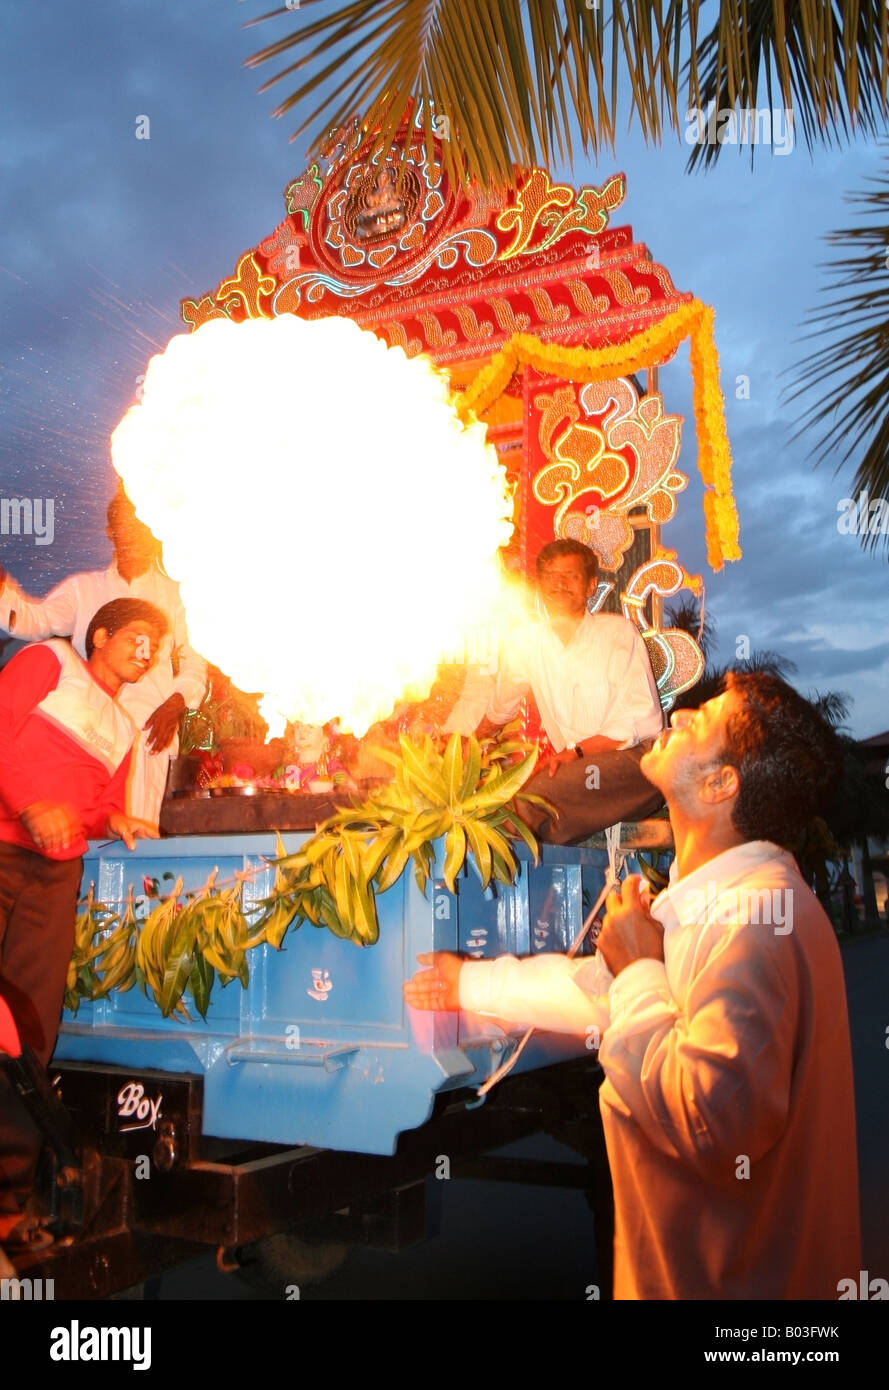 Feuerspucker vor einem riesigen Ganesh Schwimmer, Ganesh Chaturthi Festival, Indien Stockbild